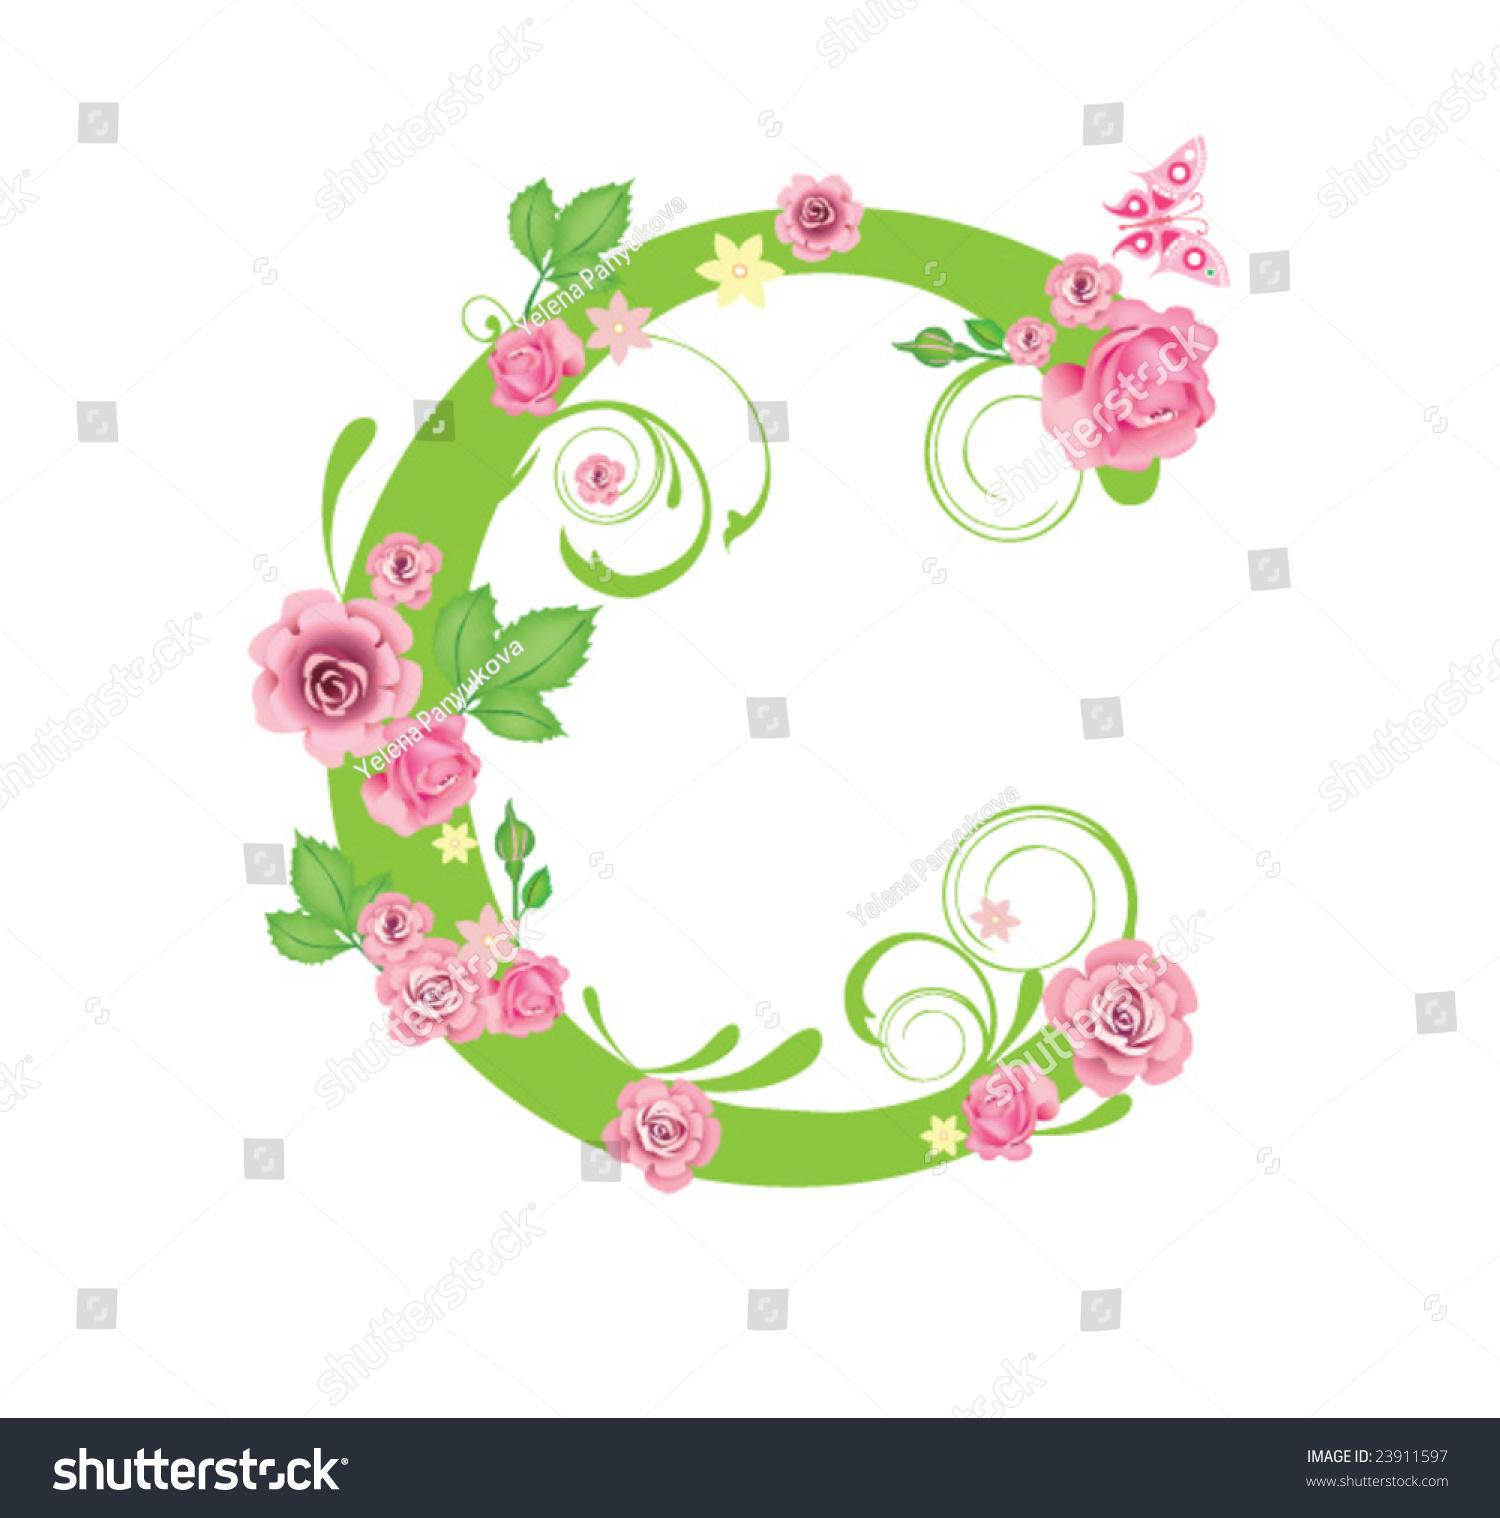 letter c roses design stock vector 23911597 shutterstock. Black Bedroom Furniture Sets. Home Design Ideas